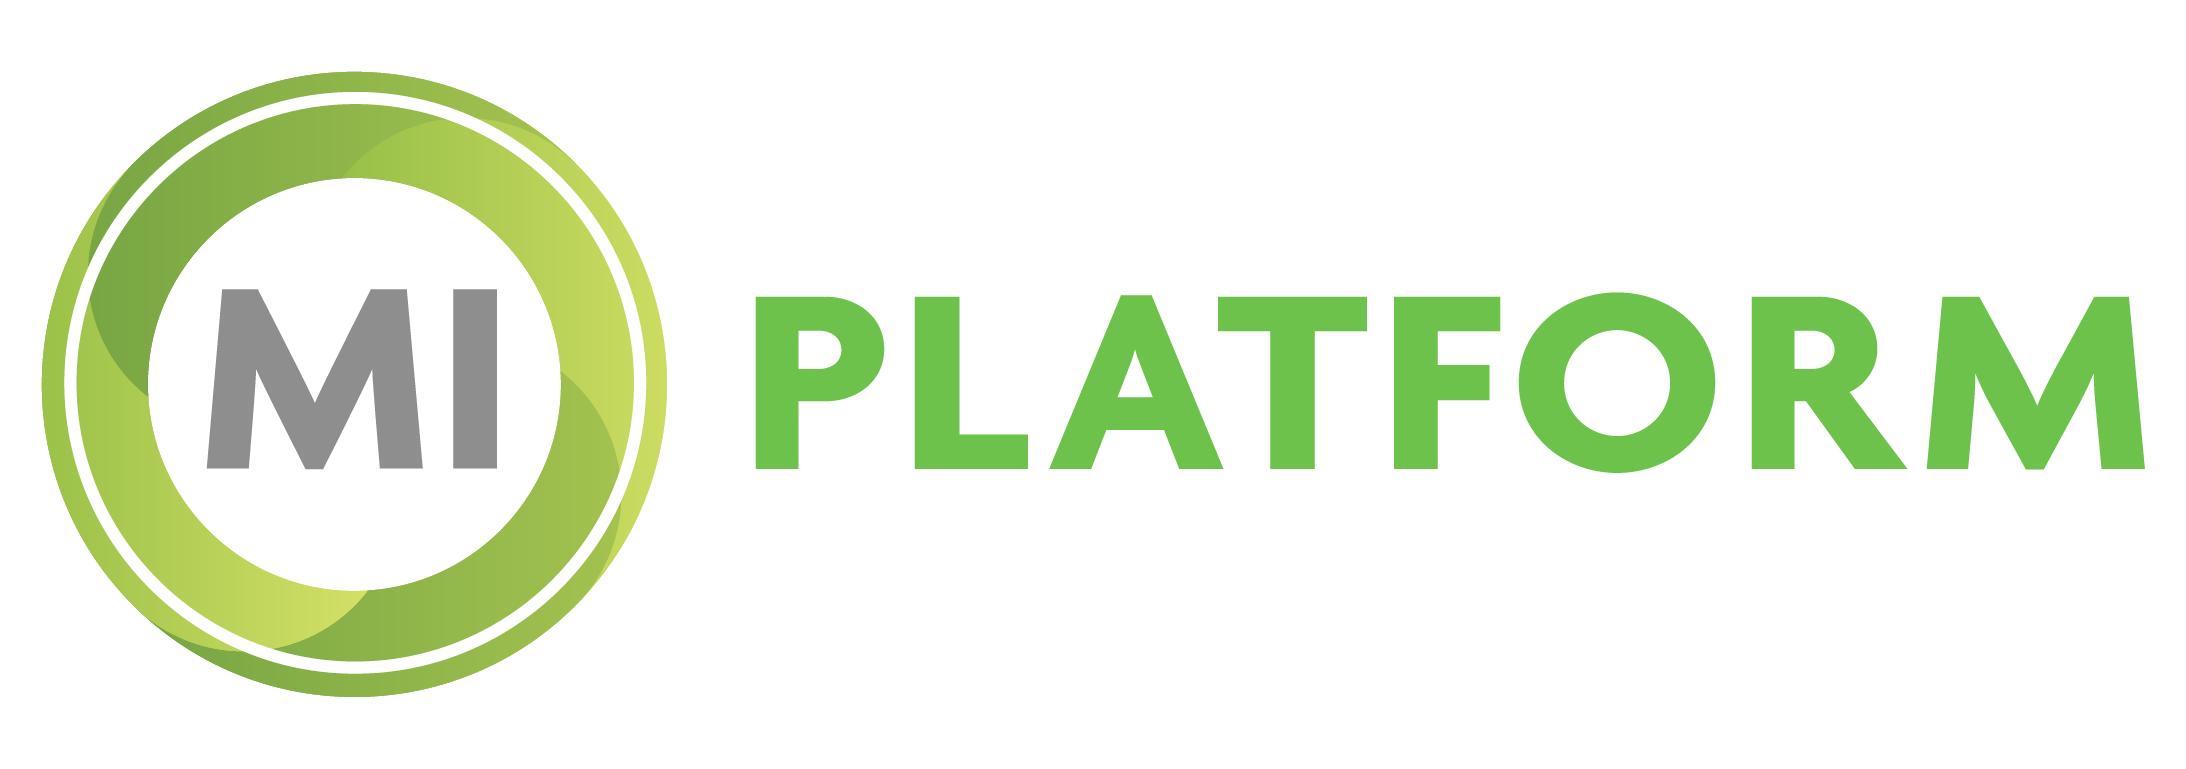 MI Platform